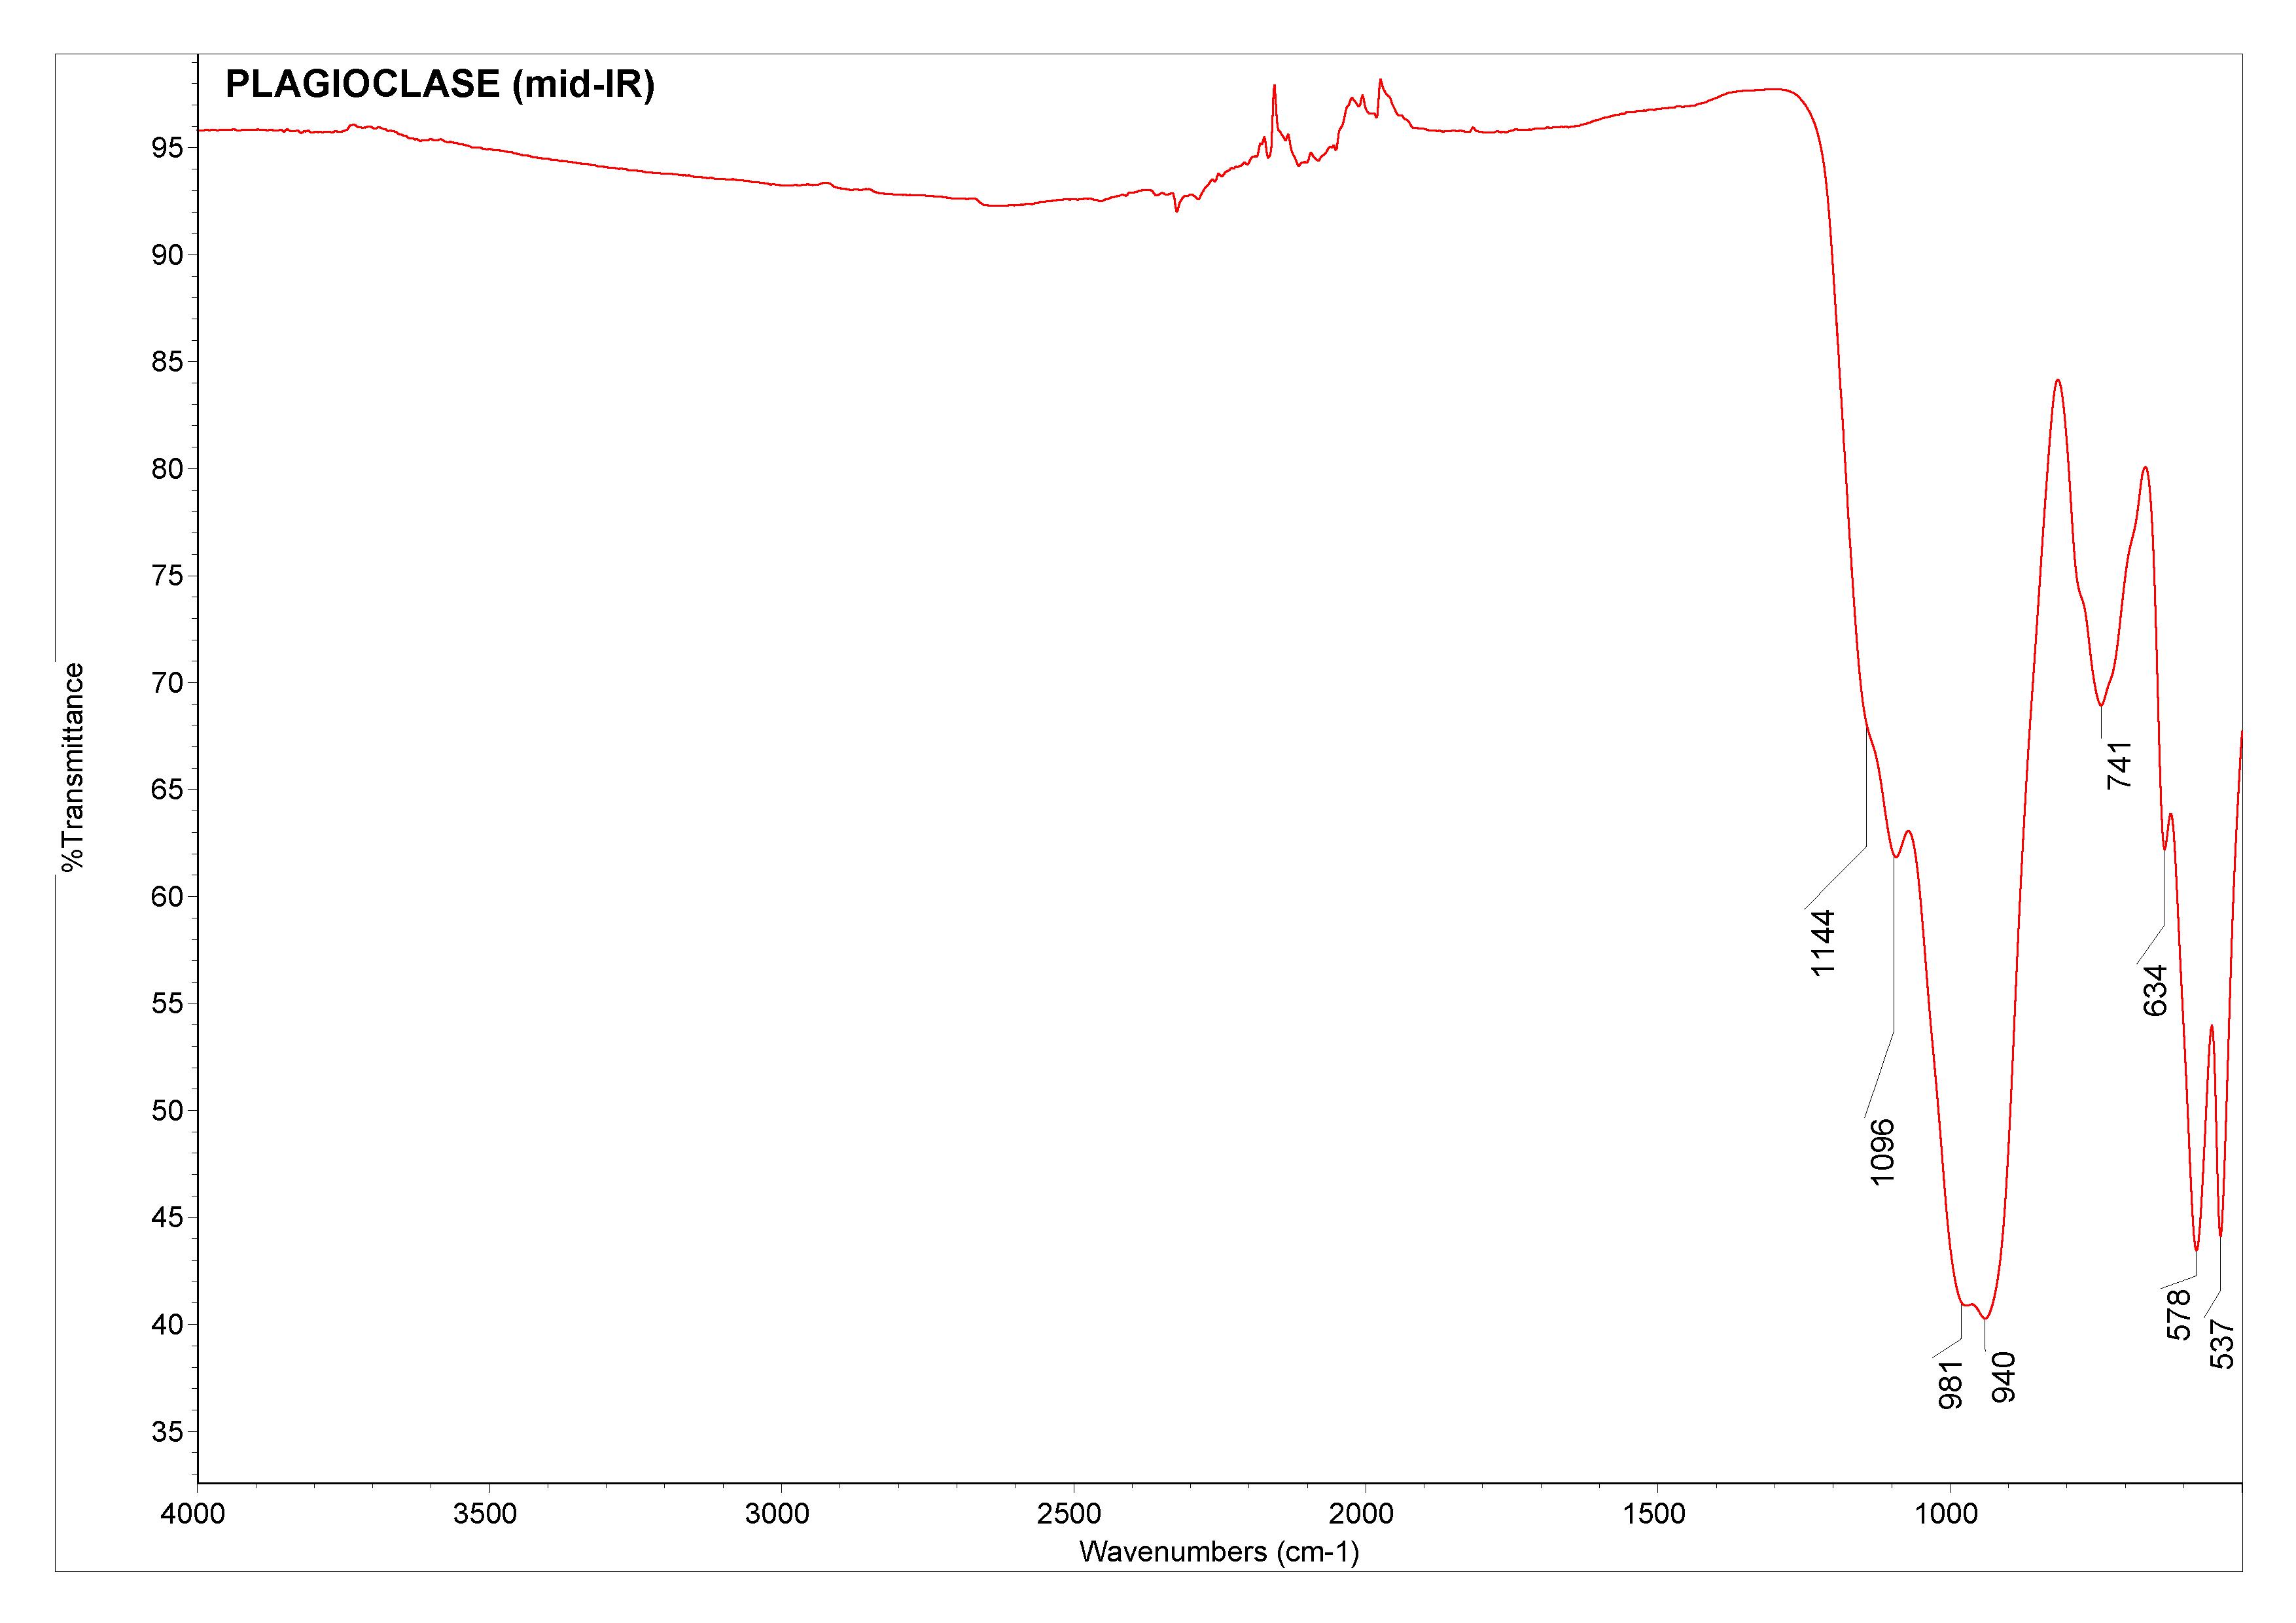 Plagioclase (mid-IR)